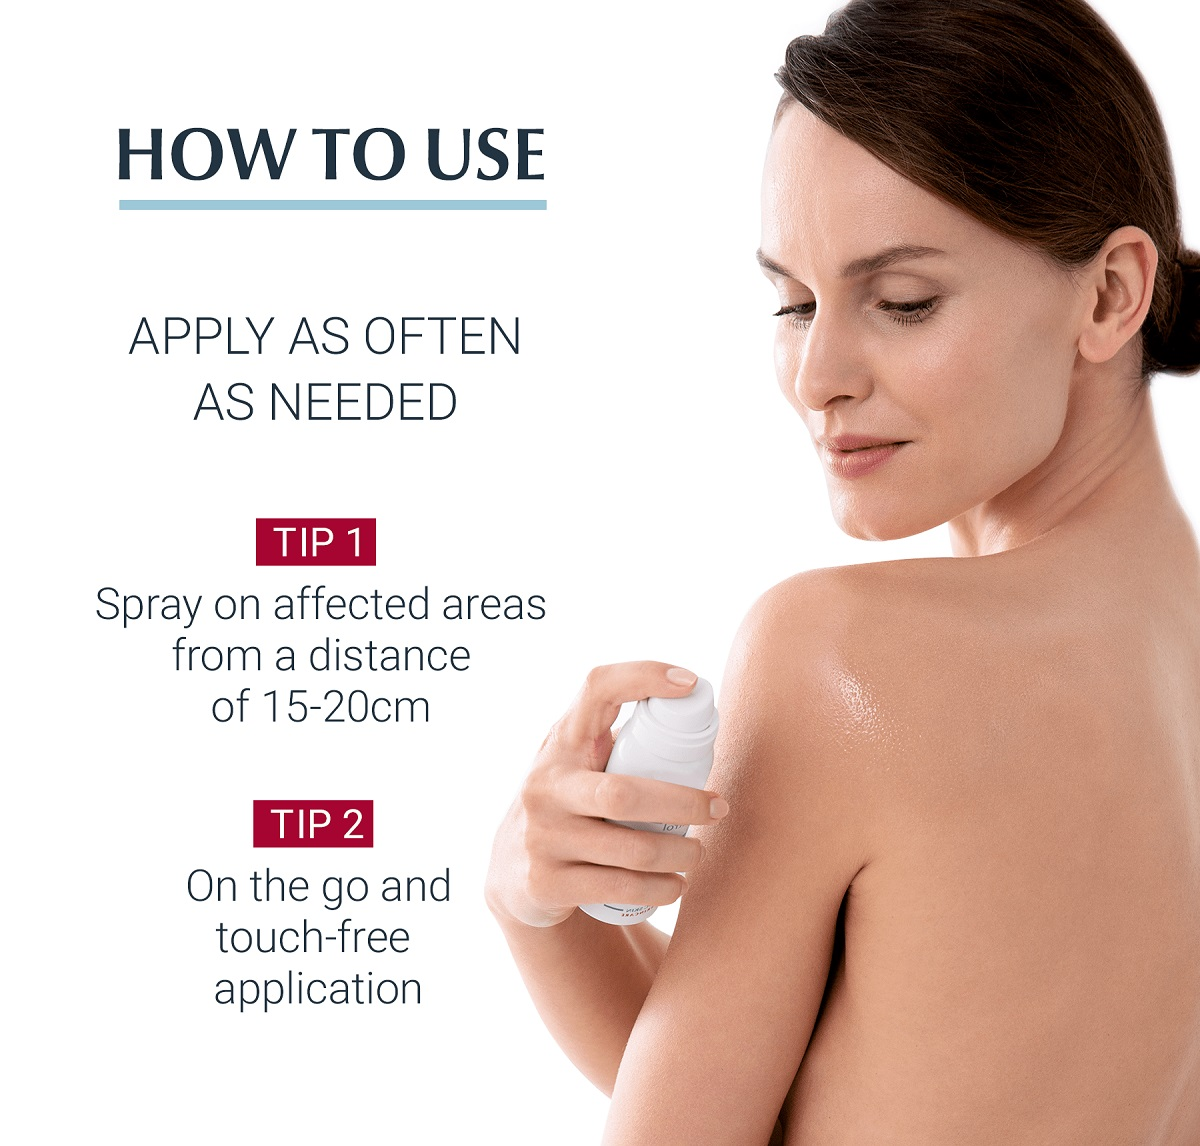 اسپری ضد التهاب و خارش پوست اوسرین مدل AtopiControl Anti-Itch | ضد خارش موضعی و فوری در 60 ثانیه آتوپی کنترل Eucerin